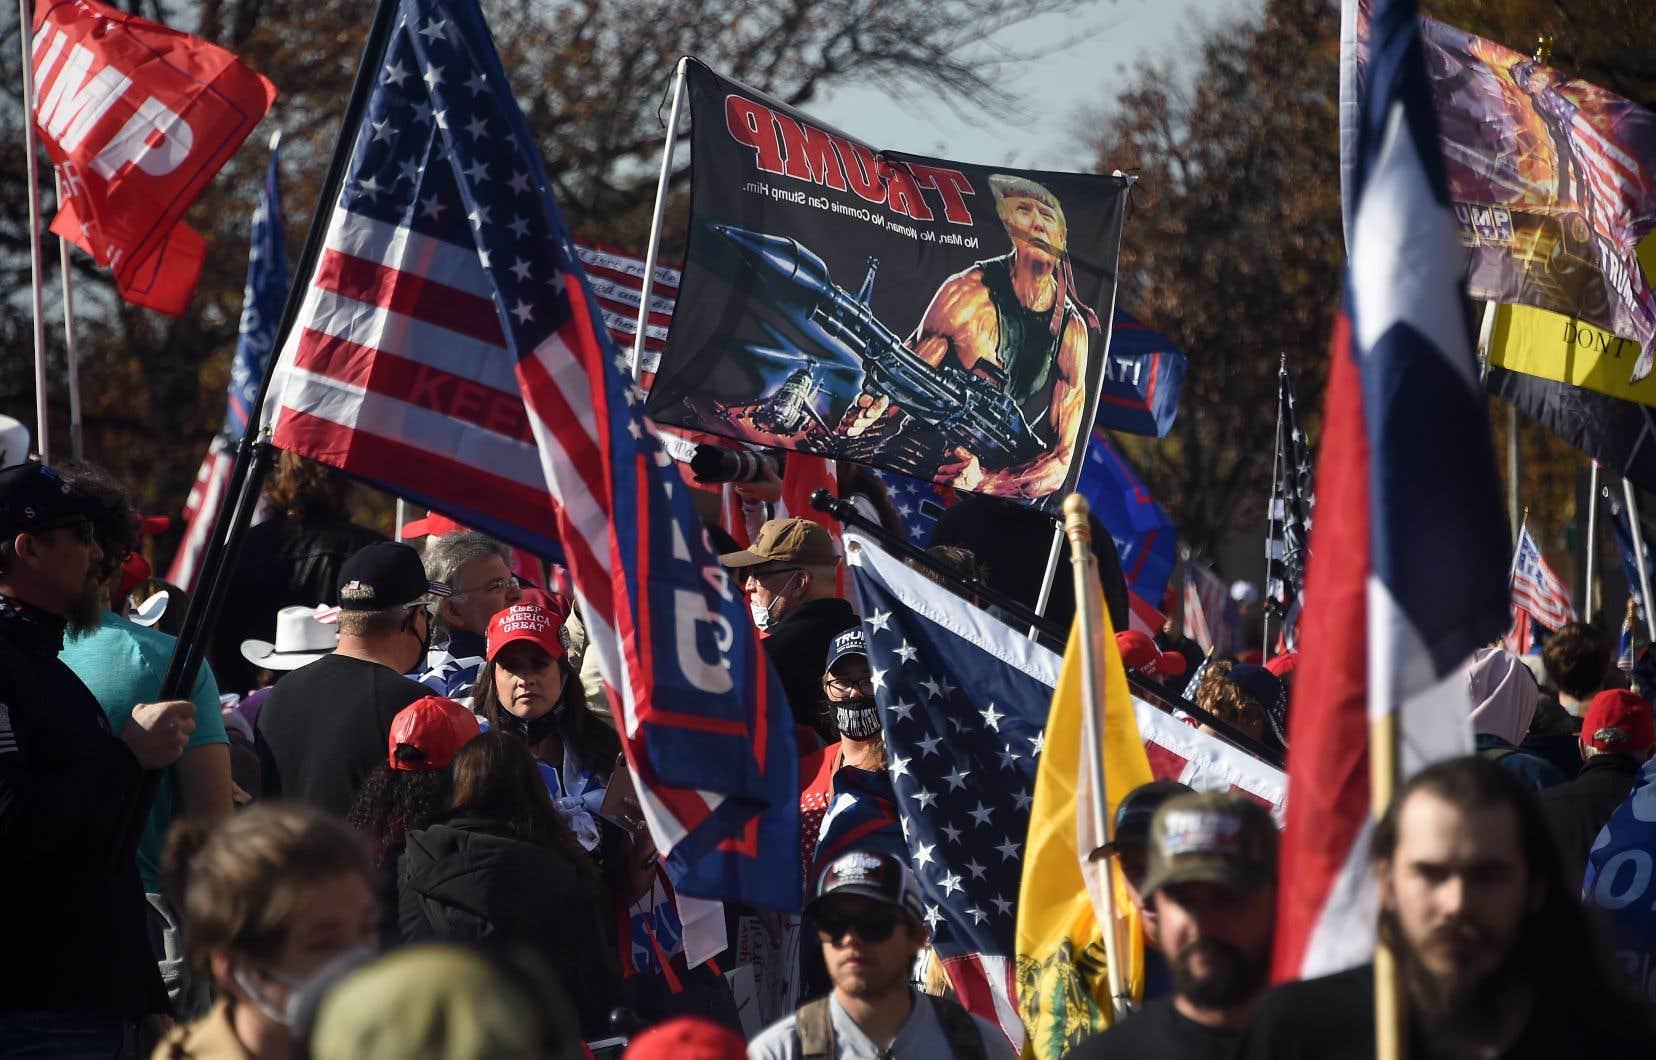 Le convoi présidentiel est passé devant Freedom Plaza, où des manifestants enthousiastes criaient «Quatre ans de plus! Quatre ans de plus!», ou encore «USA! USA!» .